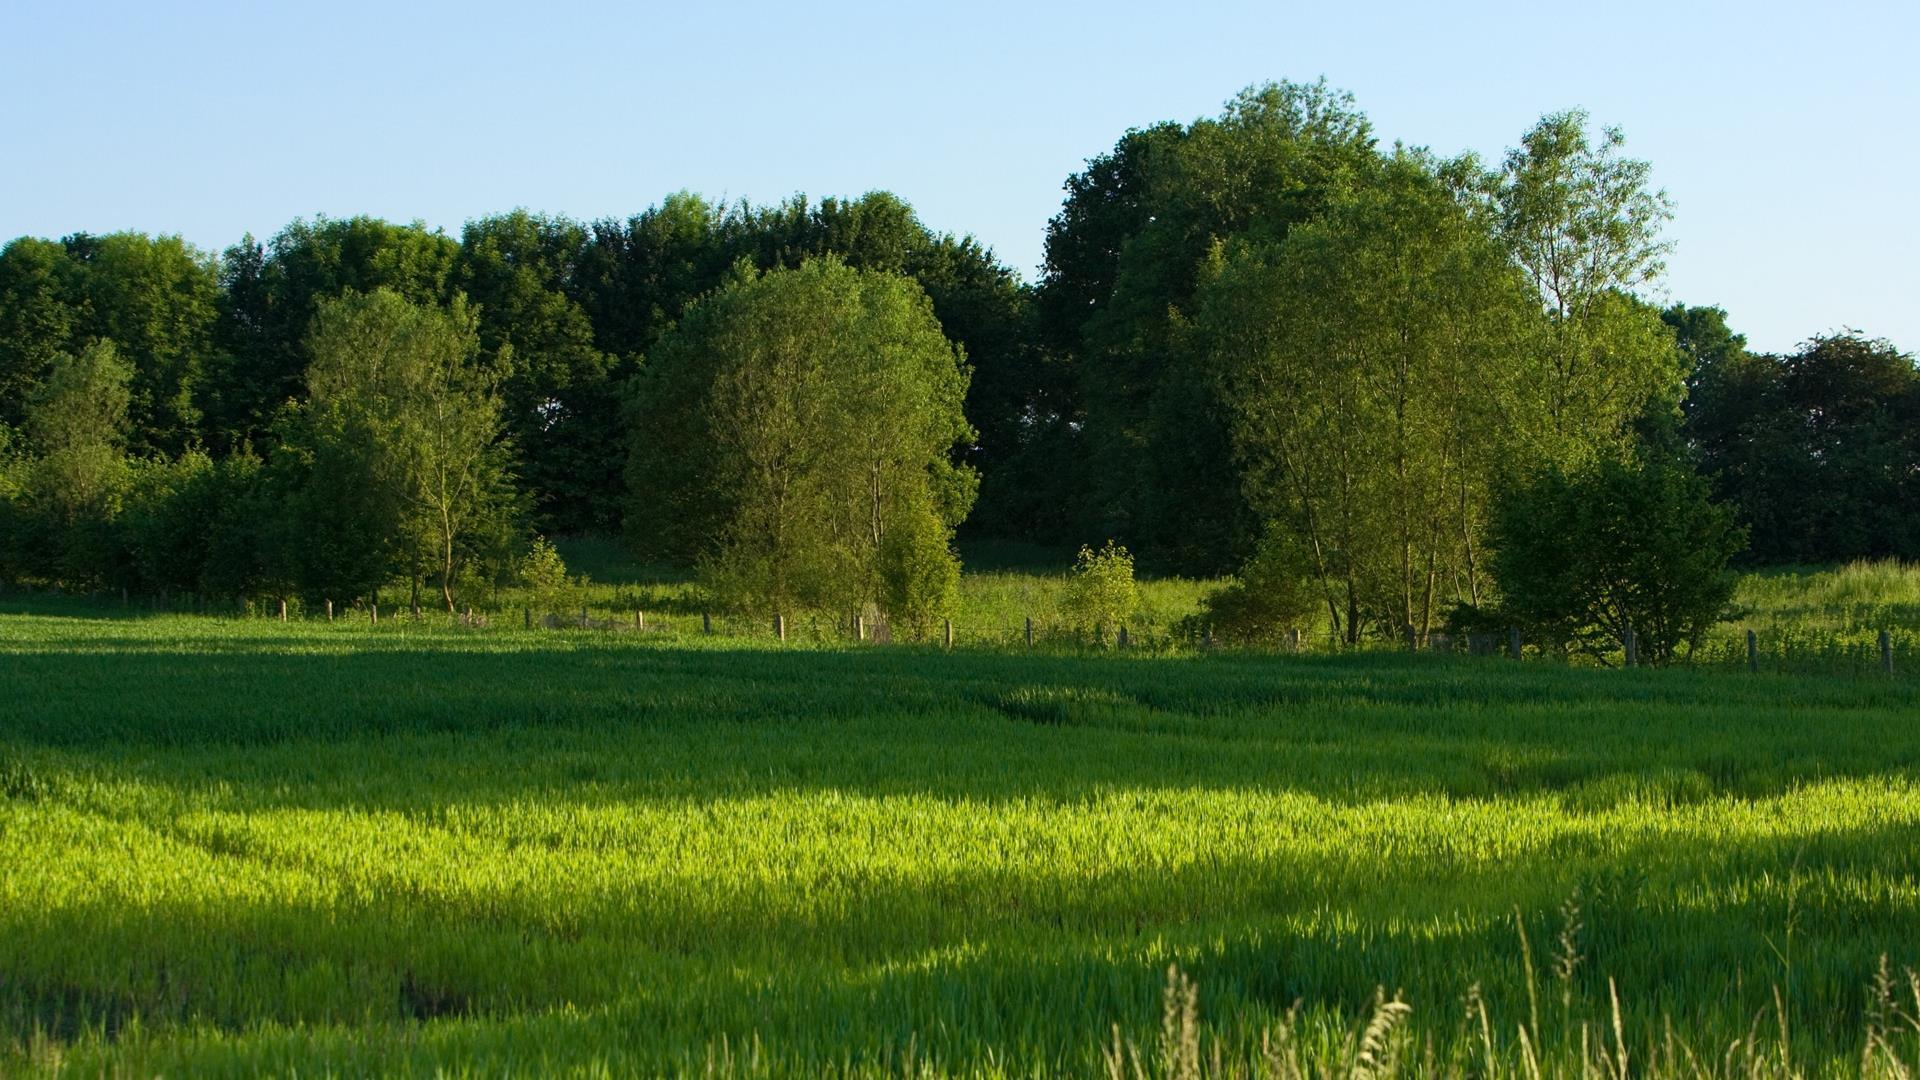 Image Et Fonds Ecran Widescreen Arbres Telechargement Gratuit 1 Le Gite Du Lac De Monampteuil